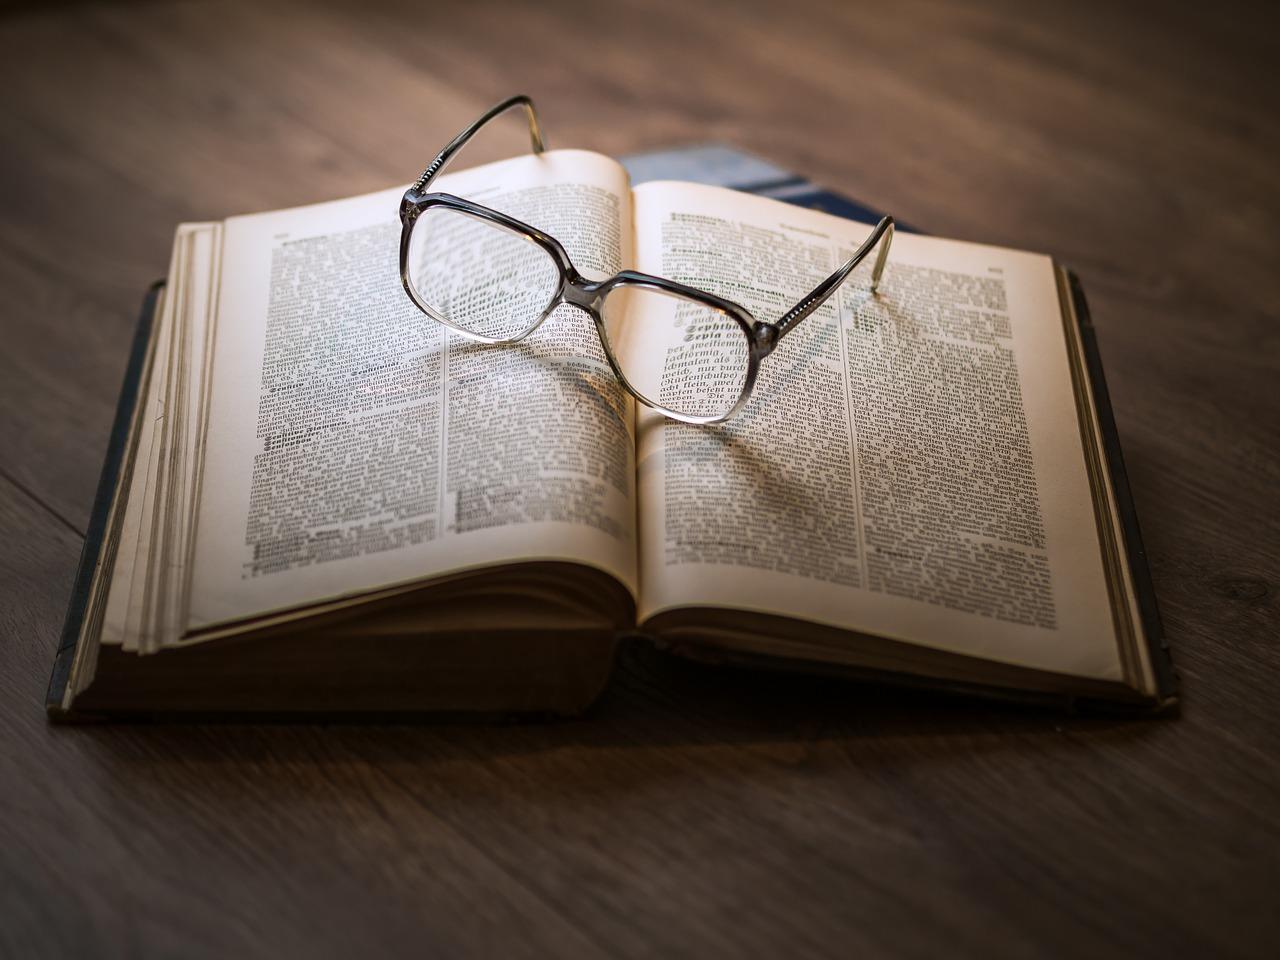 Un libro è un mondo da sfogliare: l'odore della carta,il rumore delle pagine